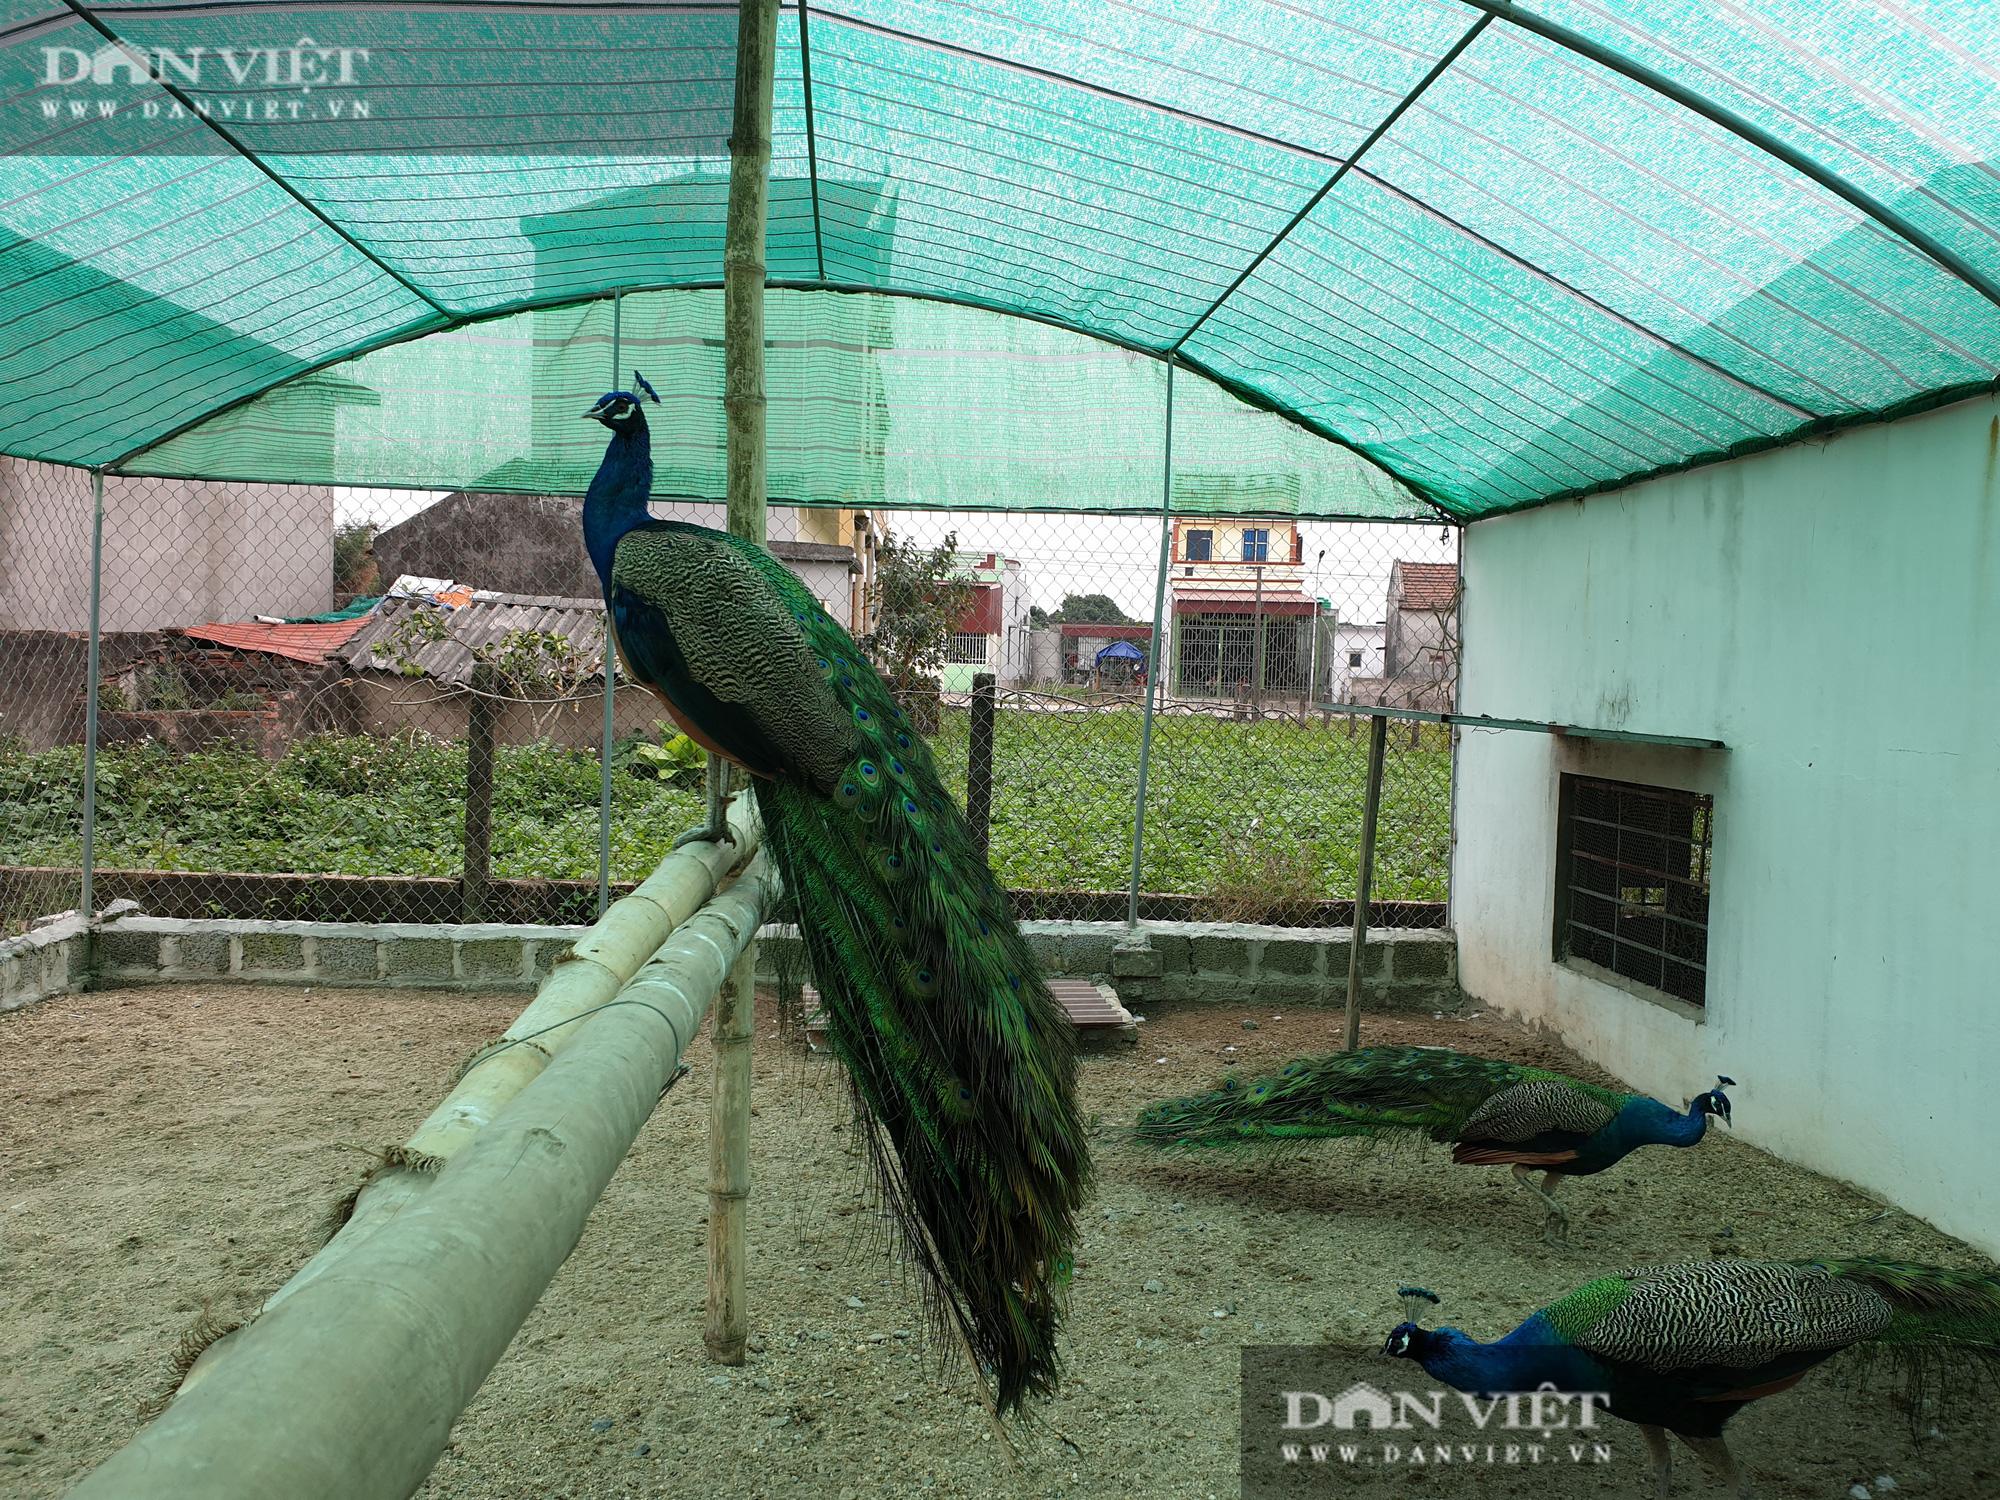 Nam Định: Nuôi đủ loại chim quý hiếm, lão nông đút túi trăm triệu mỗi năm. - Ảnh 3.